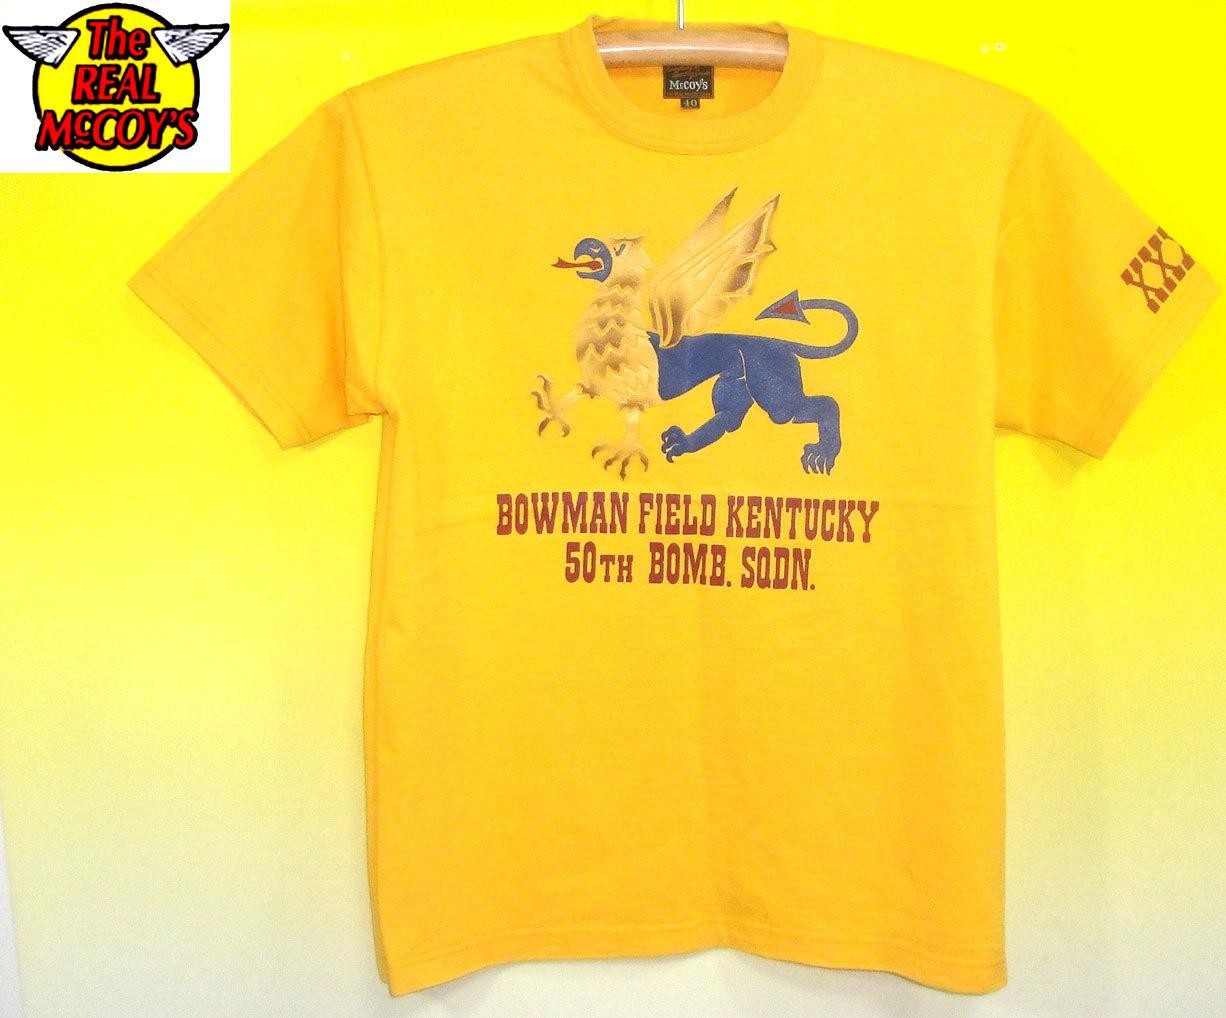 ザリアルマッコイズTheREALMcCOYS  Tシャツ